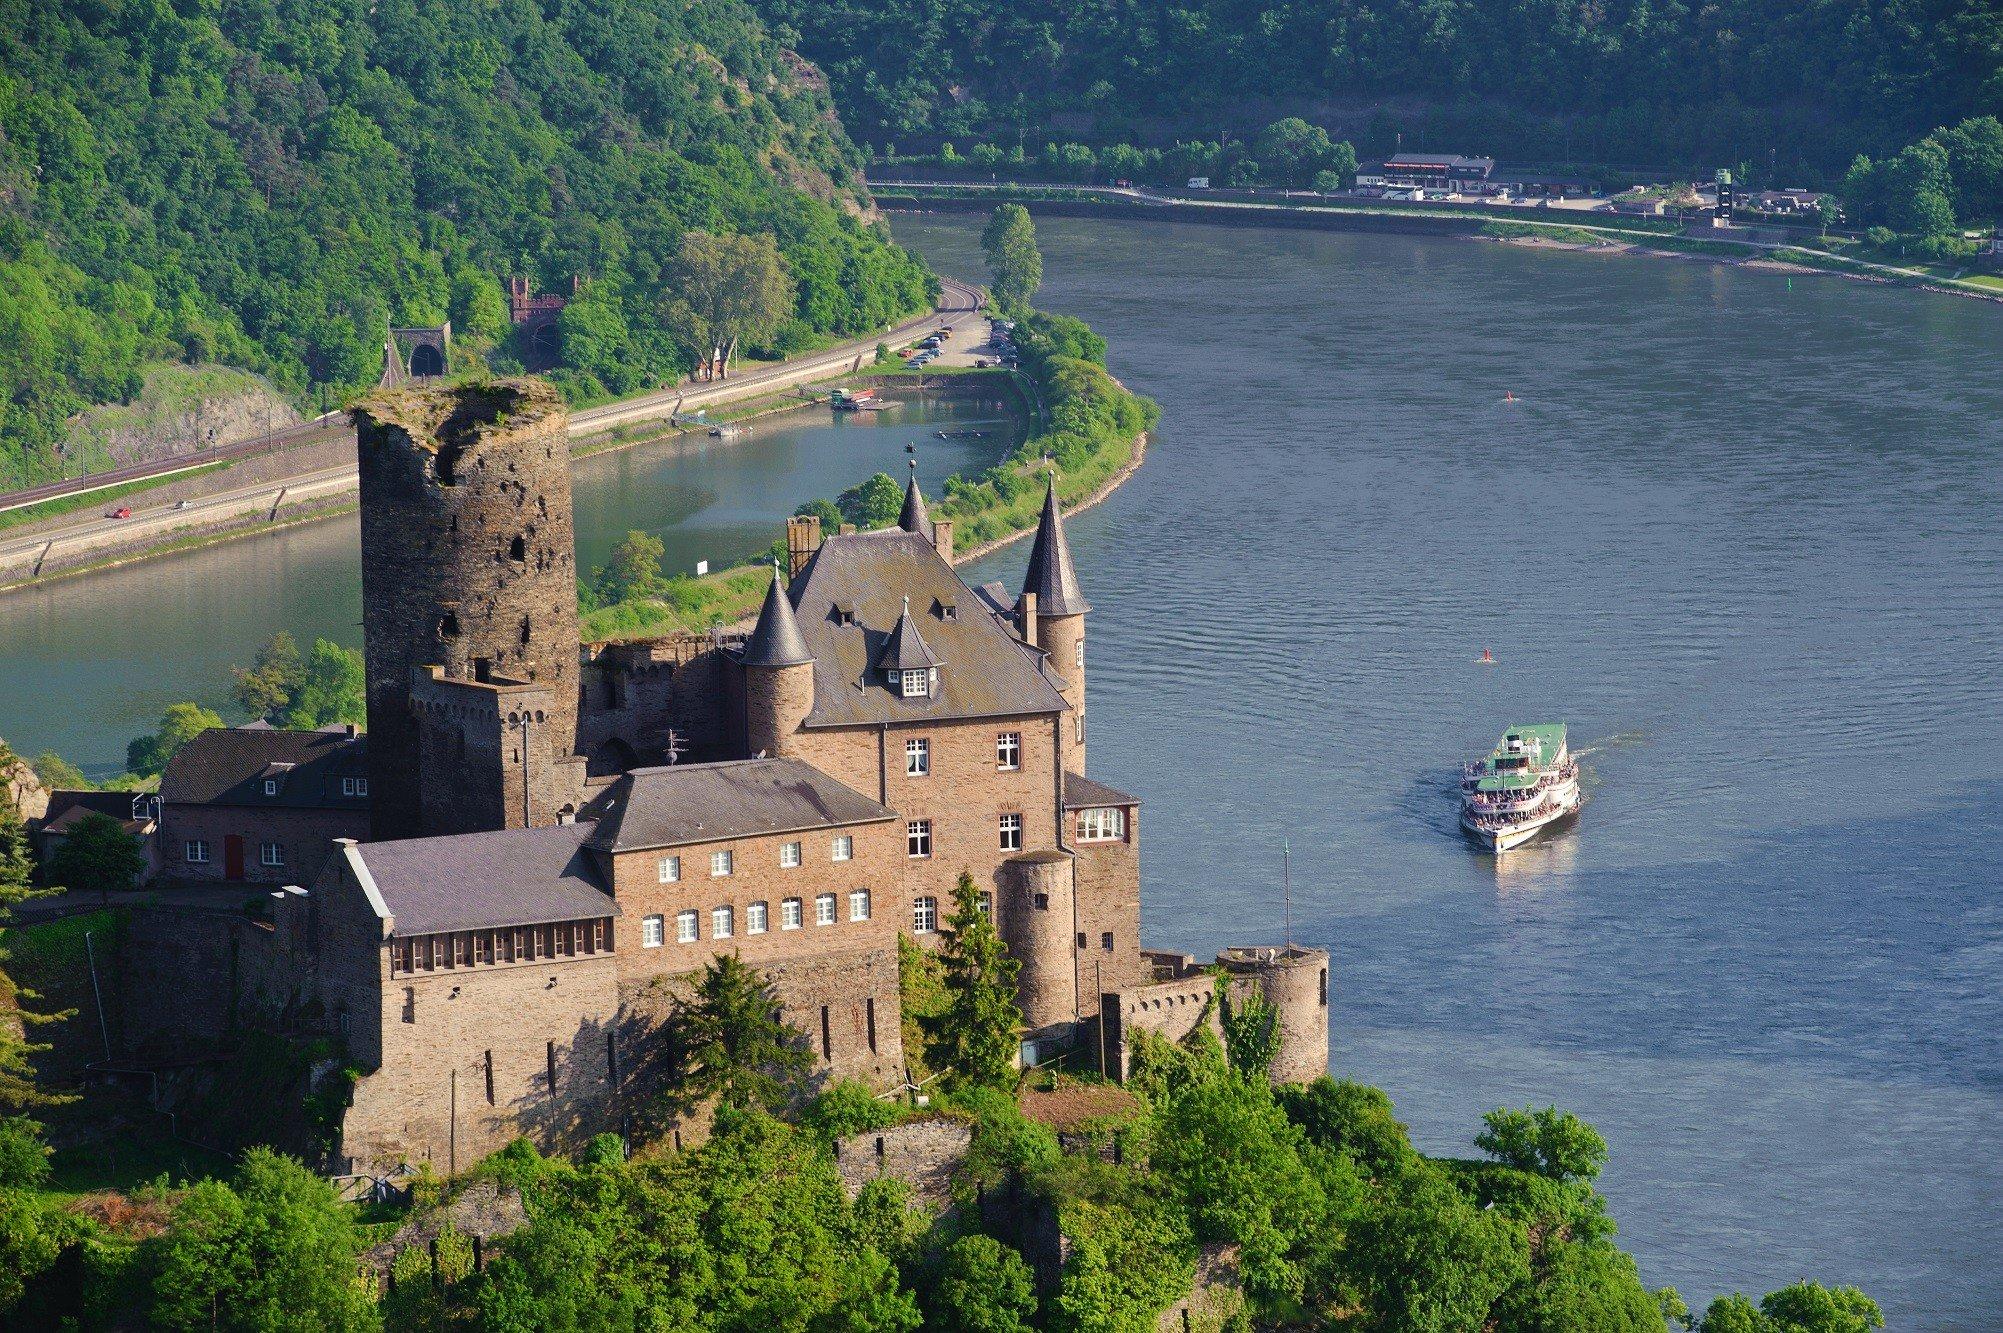 Dagaanbieding - 4 of 5 dagen kastelen en wijngaarden in de romantische Midden-Rijn o.b.v. halfpension incl. boottrip dagelijkse koopjes